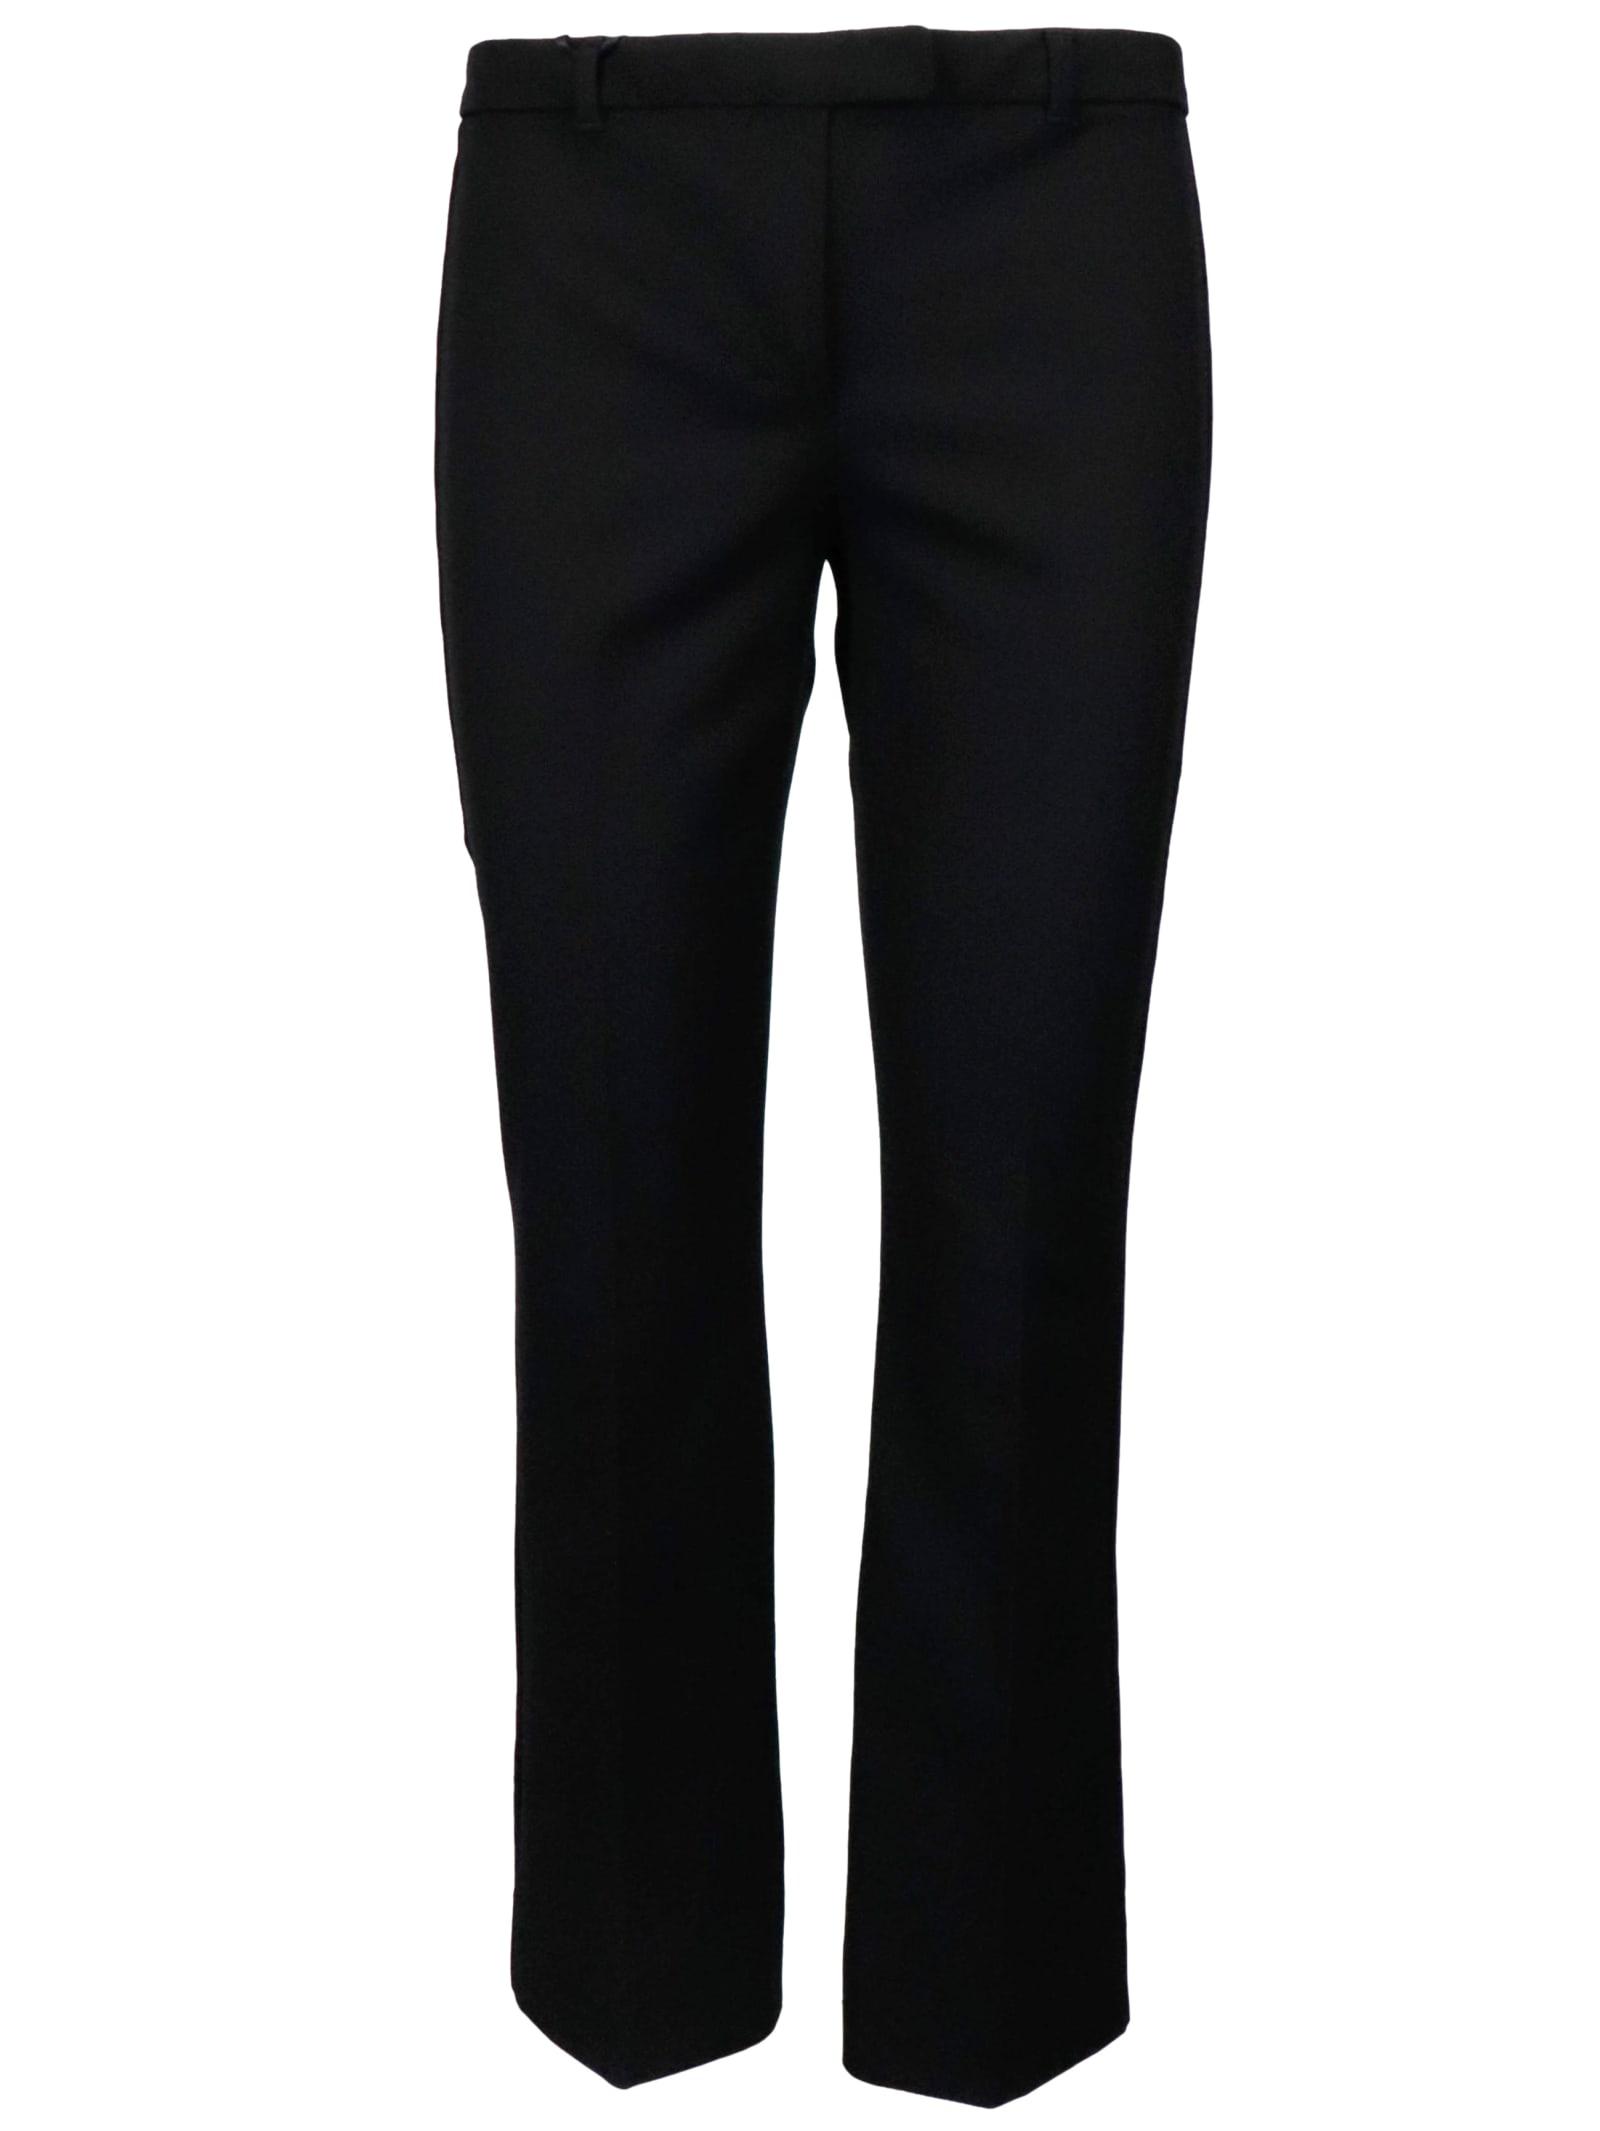 S Max Mara Umanita Trousers